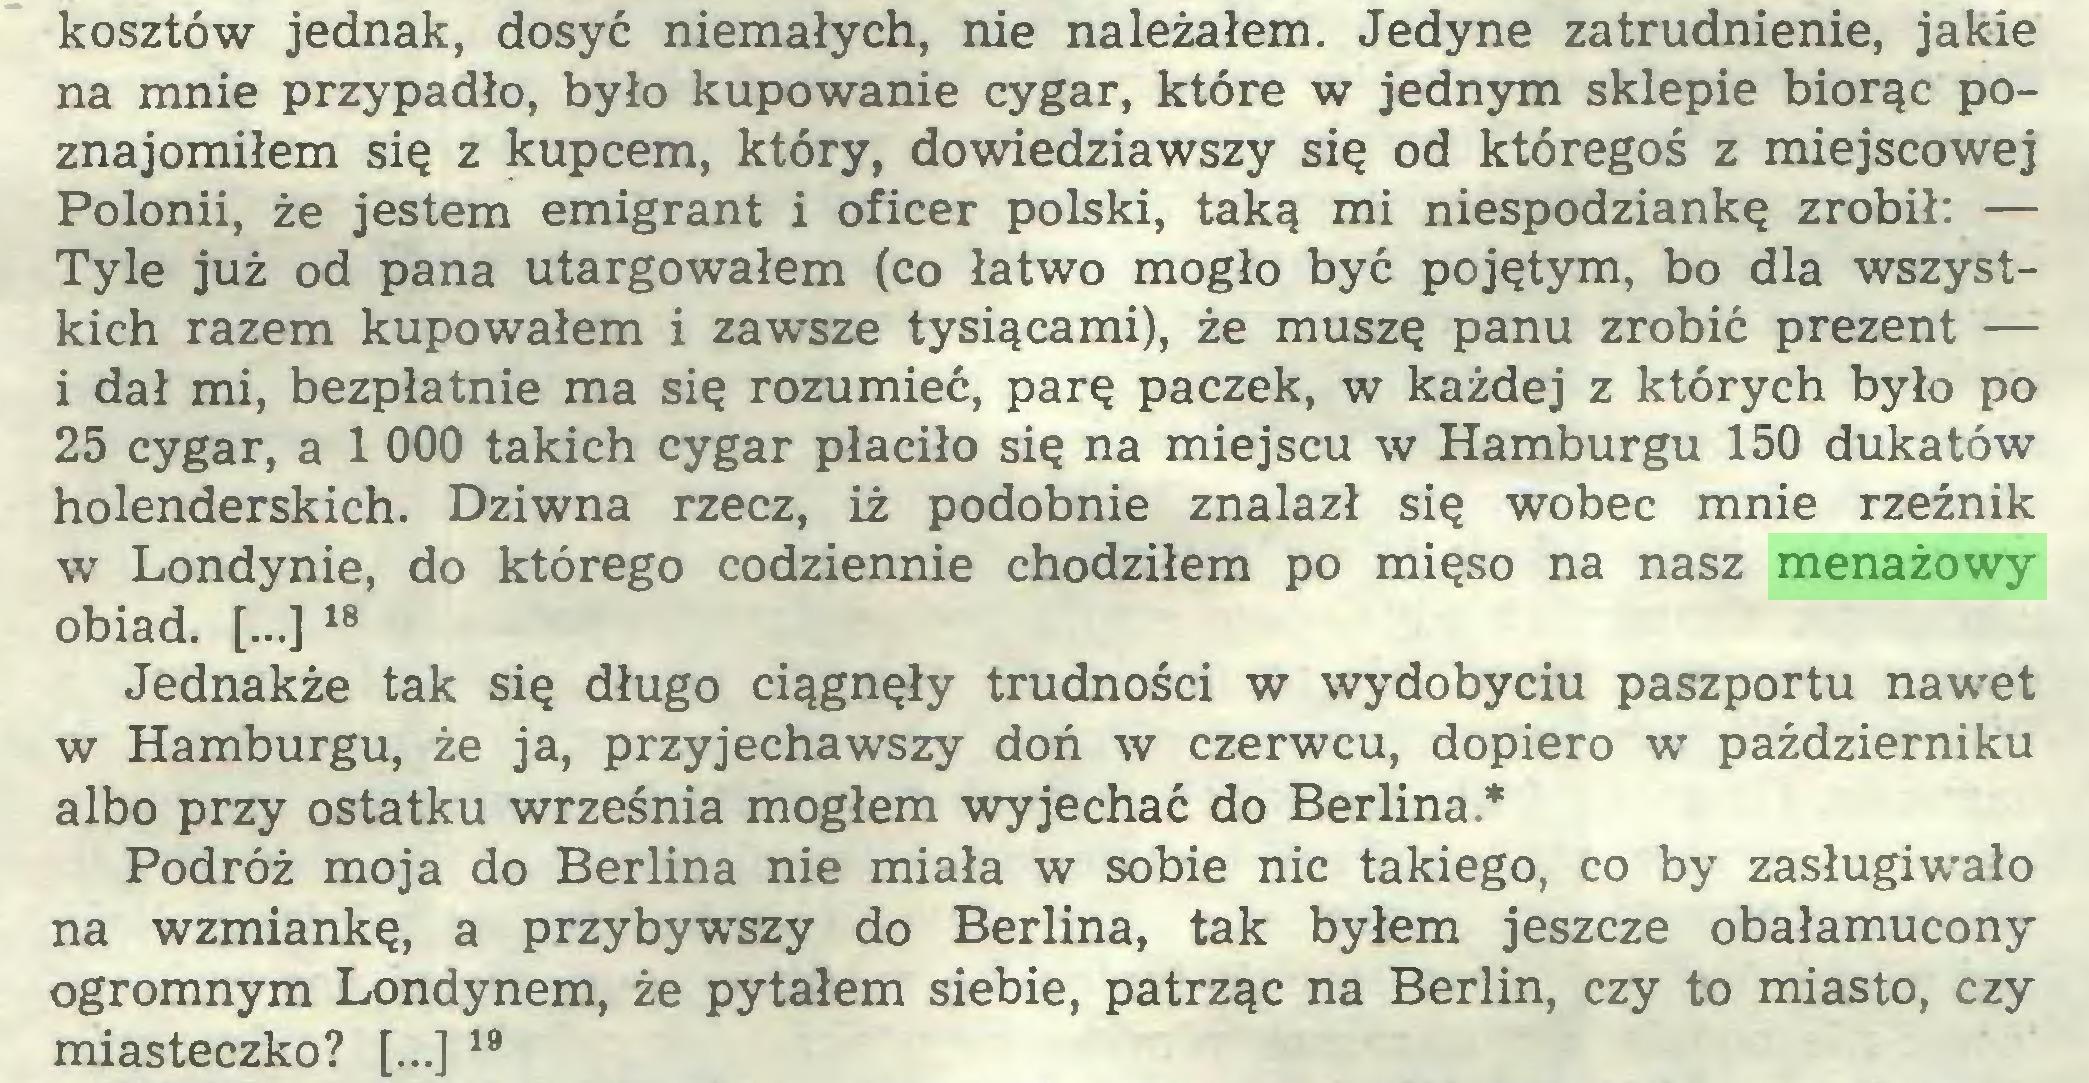 (...) kosztów jednak, dosyć niemałych, nie należałem. Jedyne zatrudnienie, jakie na mnie przypadło, było kupowanie cygar, które w jednym sklepie biorąc poznajomiłem się z kupcem, który, dowiedziawszy się od któregoś z miejscowej Polonii, że jestem emigrant i oficer polski, taką mi niespodziankę zrobił: — Tyle już od pana utargowałem (co łatwo mogło być pojętym, bo dla wszystkich razem kupowałem i zawsze tysiącami), że muszę panu zrobić prezent — i dał mi, bezpłatnie ma się rozumieć, parę paczek, w każdej z których było po 25 cygar, a 1 000 takich cygar płaciło się na miejscu w Hamburgu 150 dukatów holenderskich. Dziwna rzecz, iż podobnie znalazł się wobec mnie rzeźnik w Londynie, do którego codziennie chodziłem po mięso na nasz menażowy obiad. [...] 18 Jednakże tak się długo ciągnęły trudności w wydobyciu paszportu nawet w Hamburgu, że ja, przyjechawszy doń w czerwcu, dopiero w październiku albo przy ostatku września mogłem wyjechać do Berlina* Podróż moja do Berlina nie miała w sobie nic takiego, co by zasługiwało na wzmiankę, a przybywszy do Berlina, tak byłem jeszcze obałamucony ogromnym Londynem, że pytałem siebie, patrząc na Berlin, czy to miasto, czy miasteczko? [...] 19...